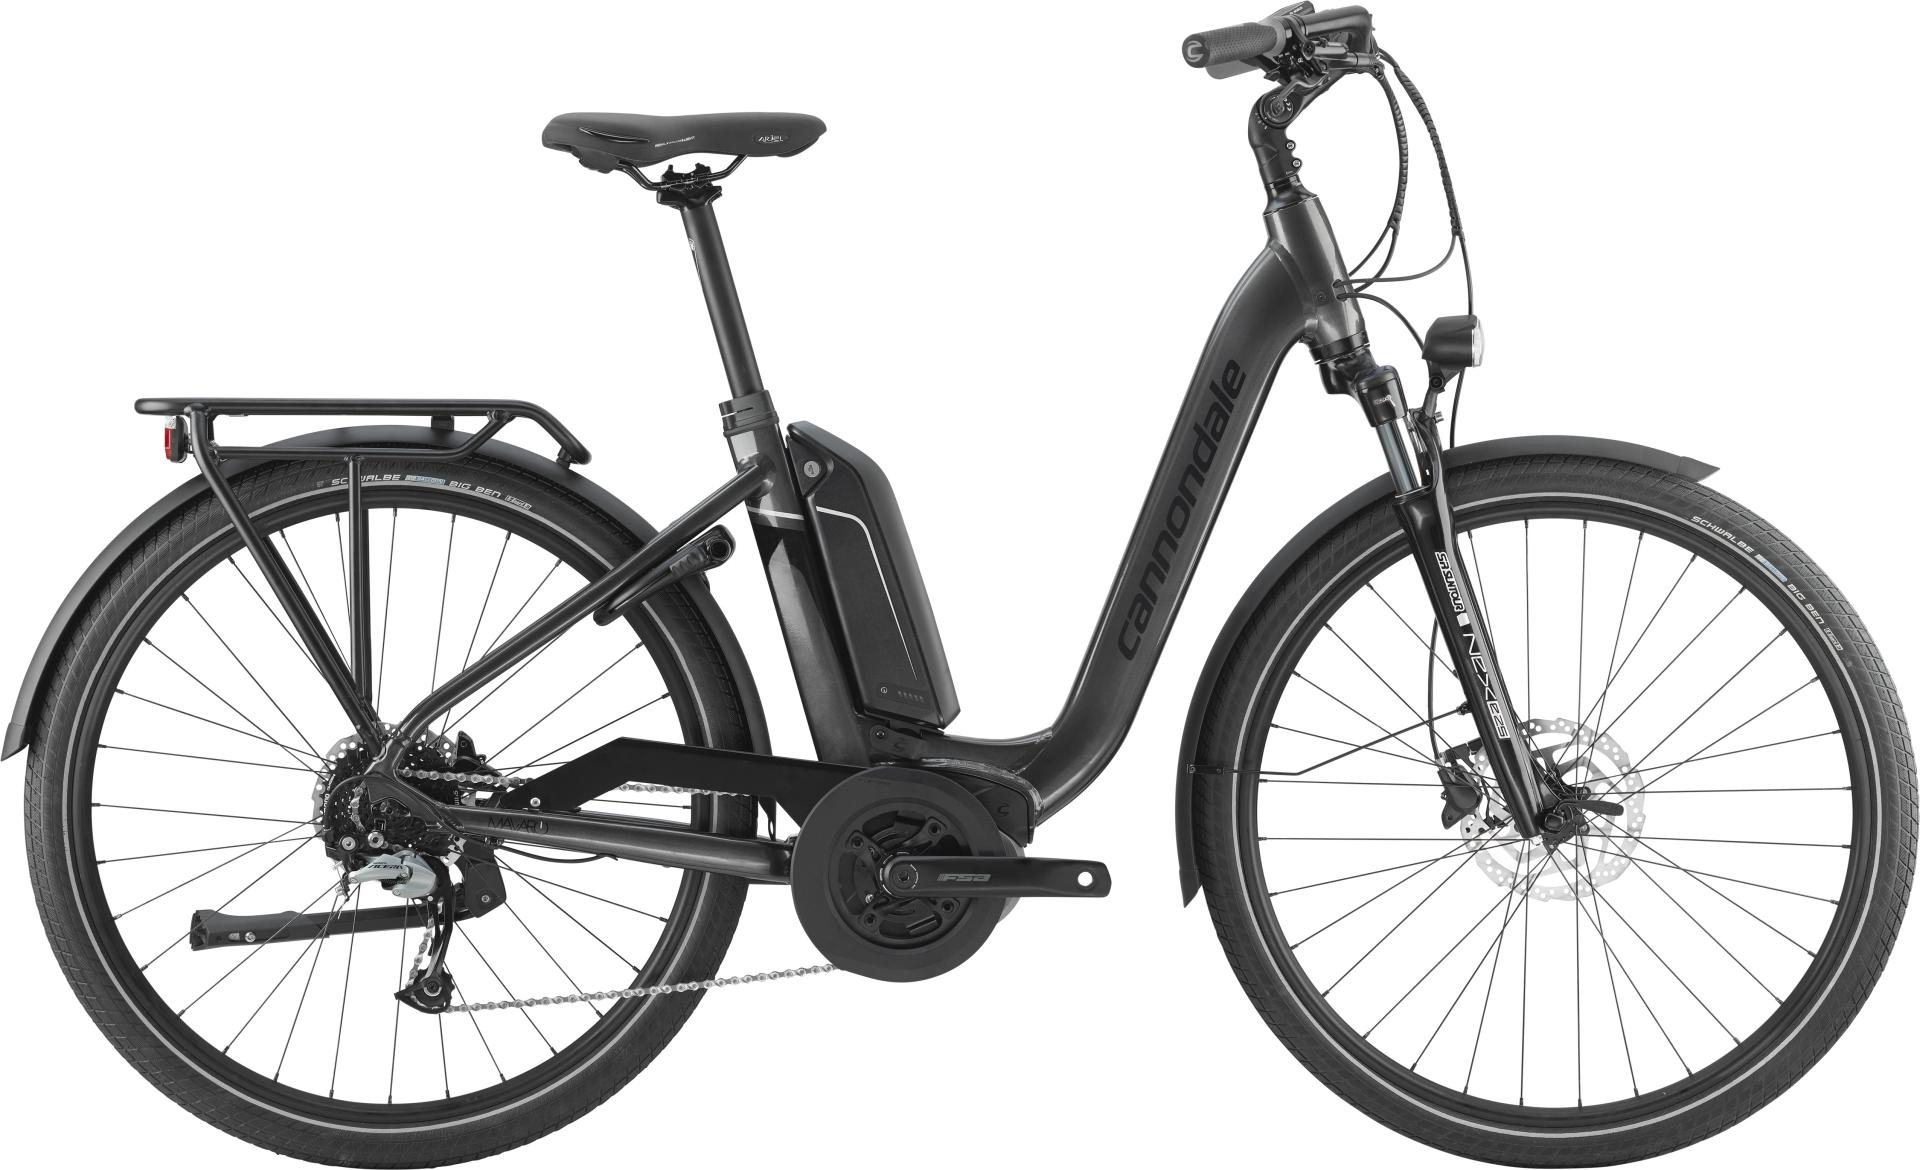 Vélo électrique Cannondale Mavaro Neo City 2 27.5 Bosch 400 Wh Anthracite - 45 cm